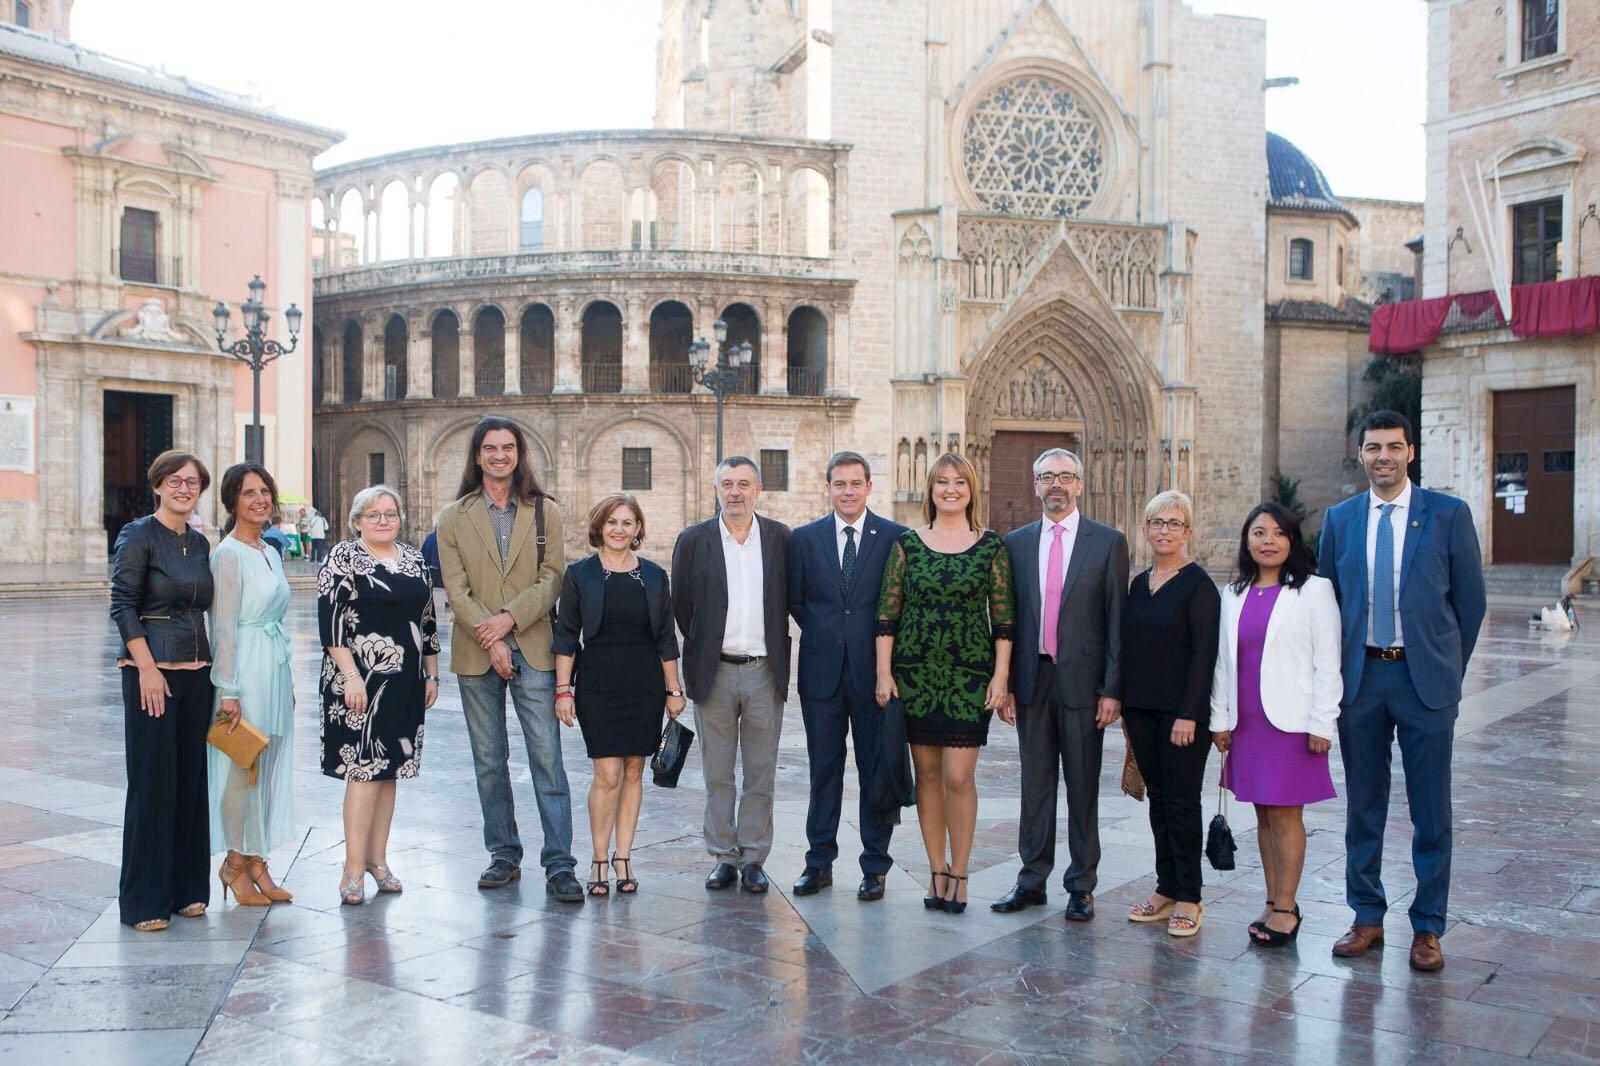 L'alcalde de Vila-real felicita Quique Arenós i el Fons de la Solidaritat per les distincions de la Generalitat amb motiu del 9 d'Octubre